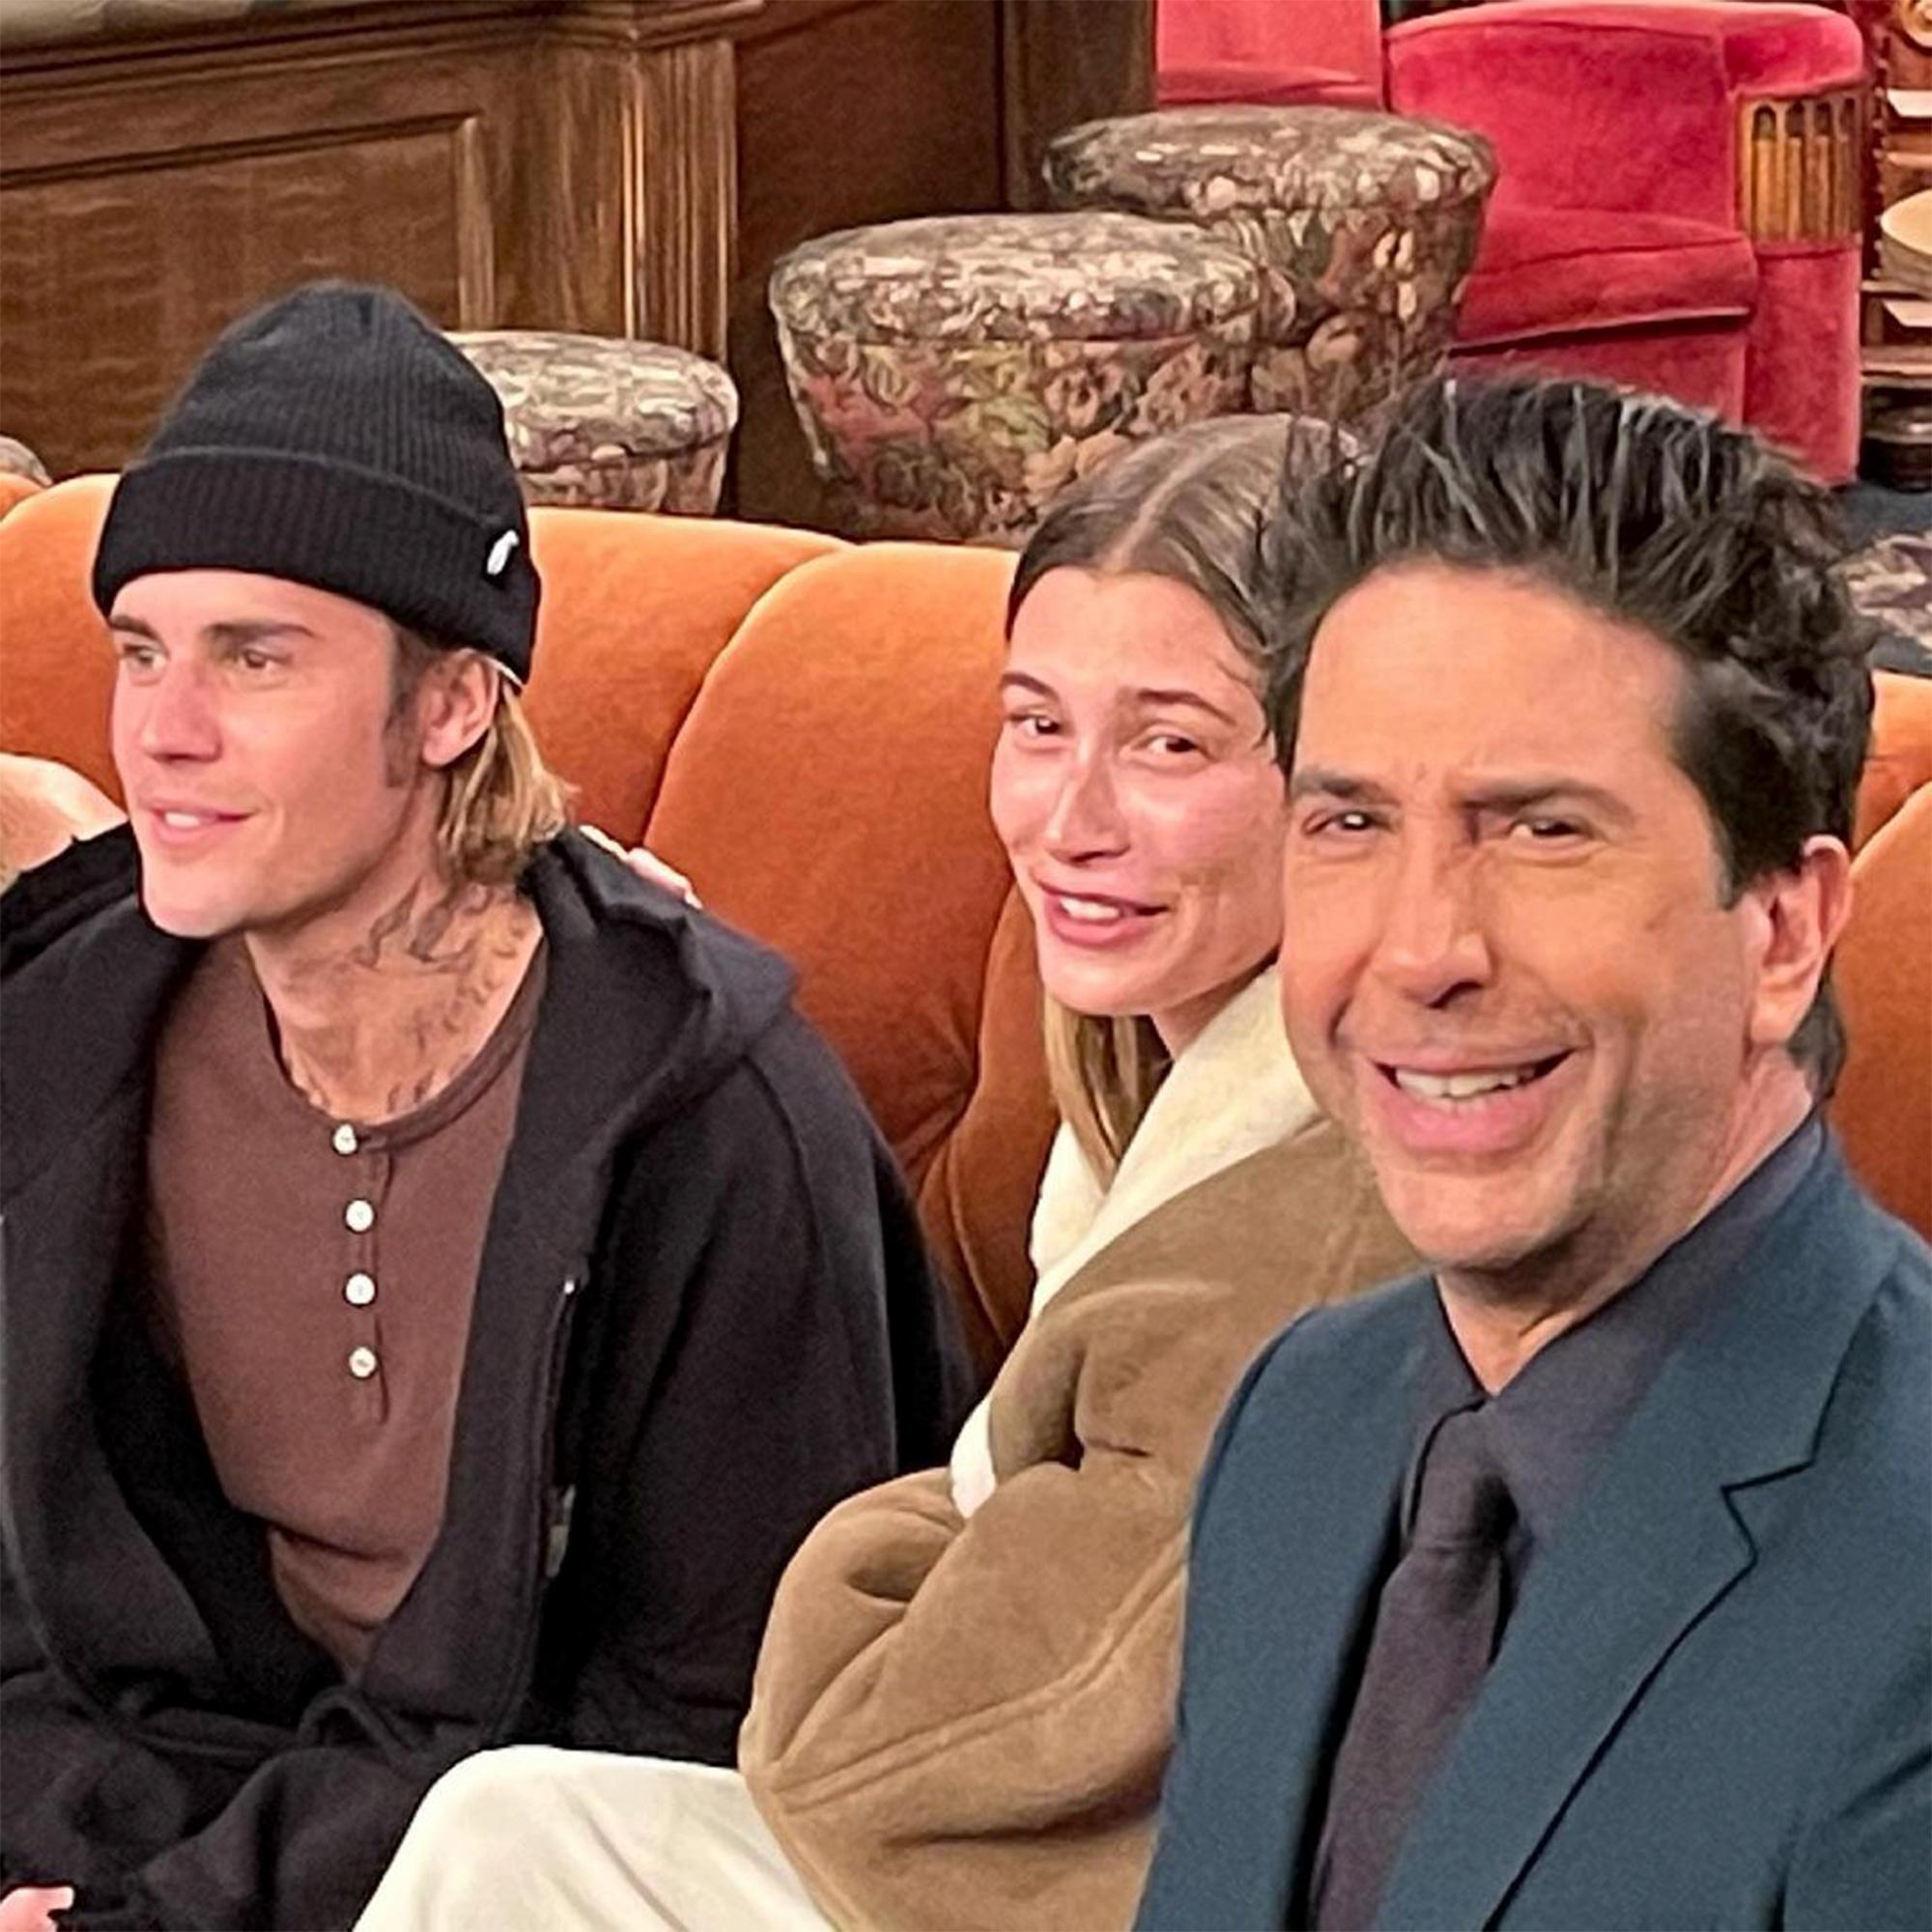 Justin Bieber, Hailey Bieber and David Schwimmer